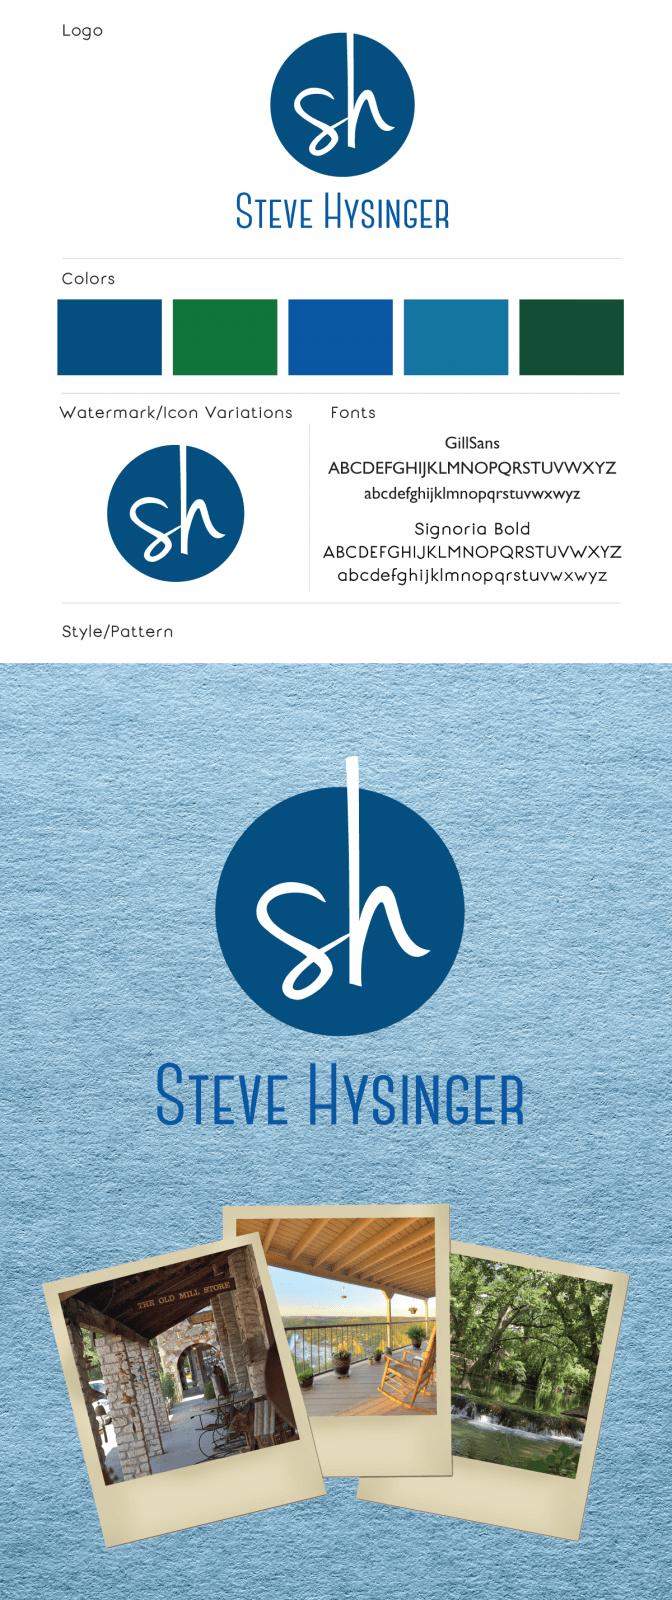 Design-Board-_-Steve-Hysinger_01